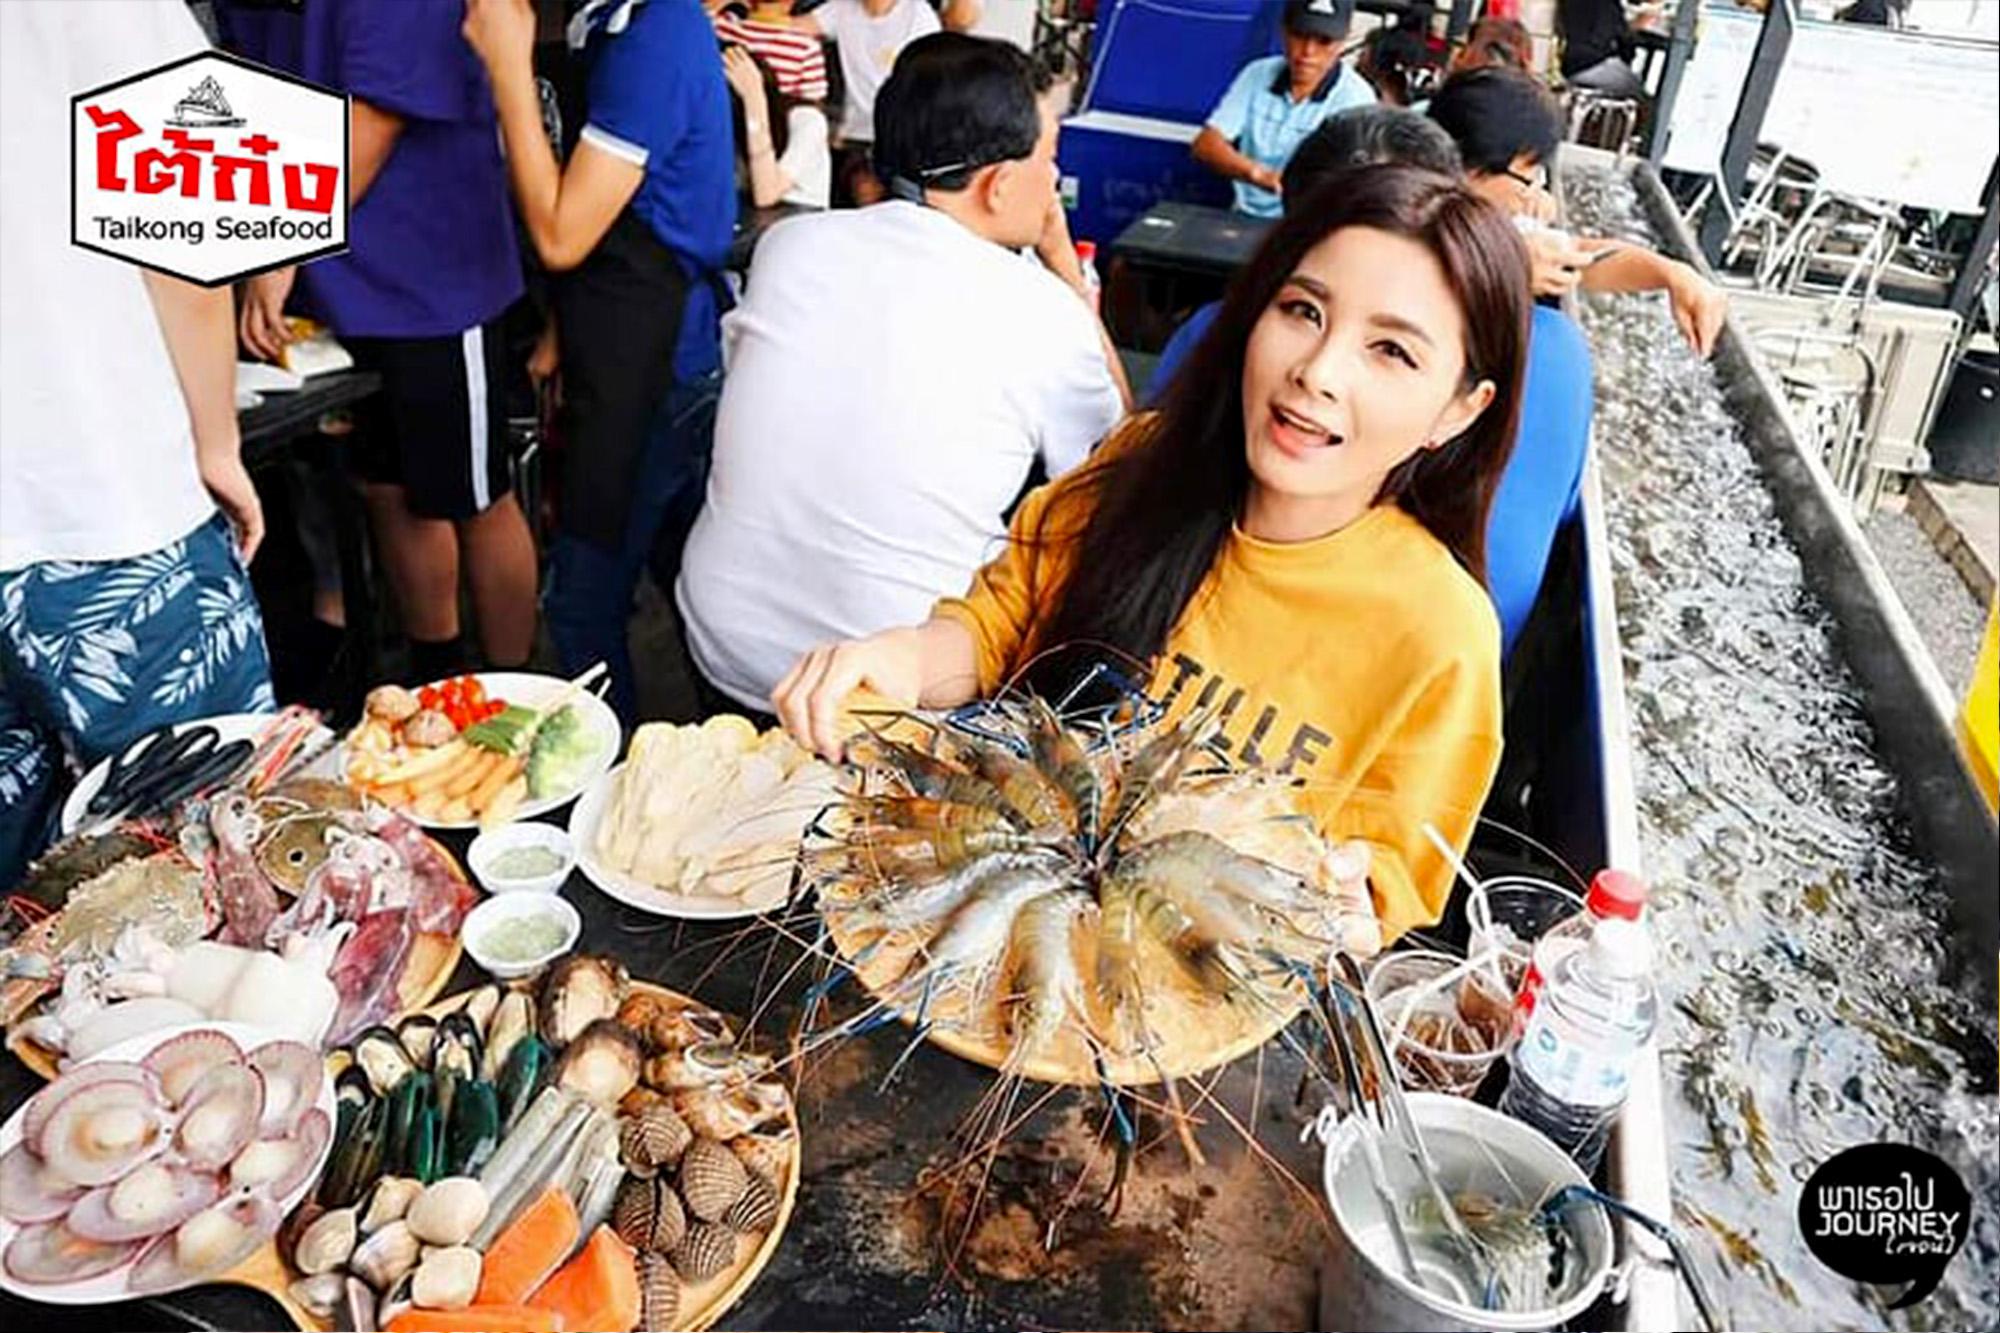 曼谷Taikong流水虾海鲜餐厅,超人气烤虾吃到饱。